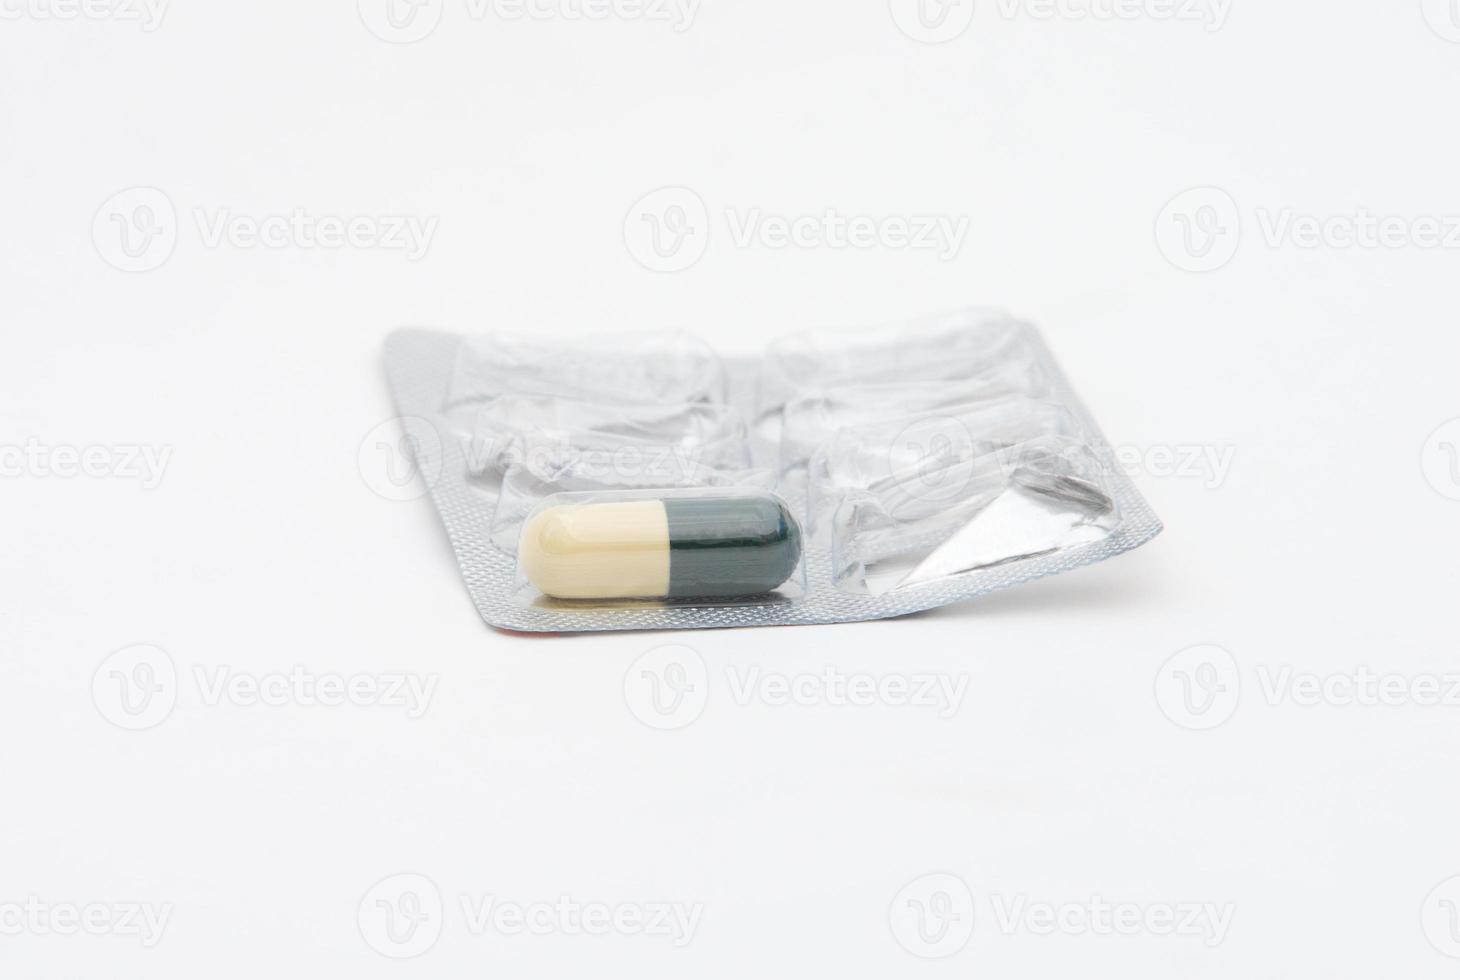 antibioticum in blister foto